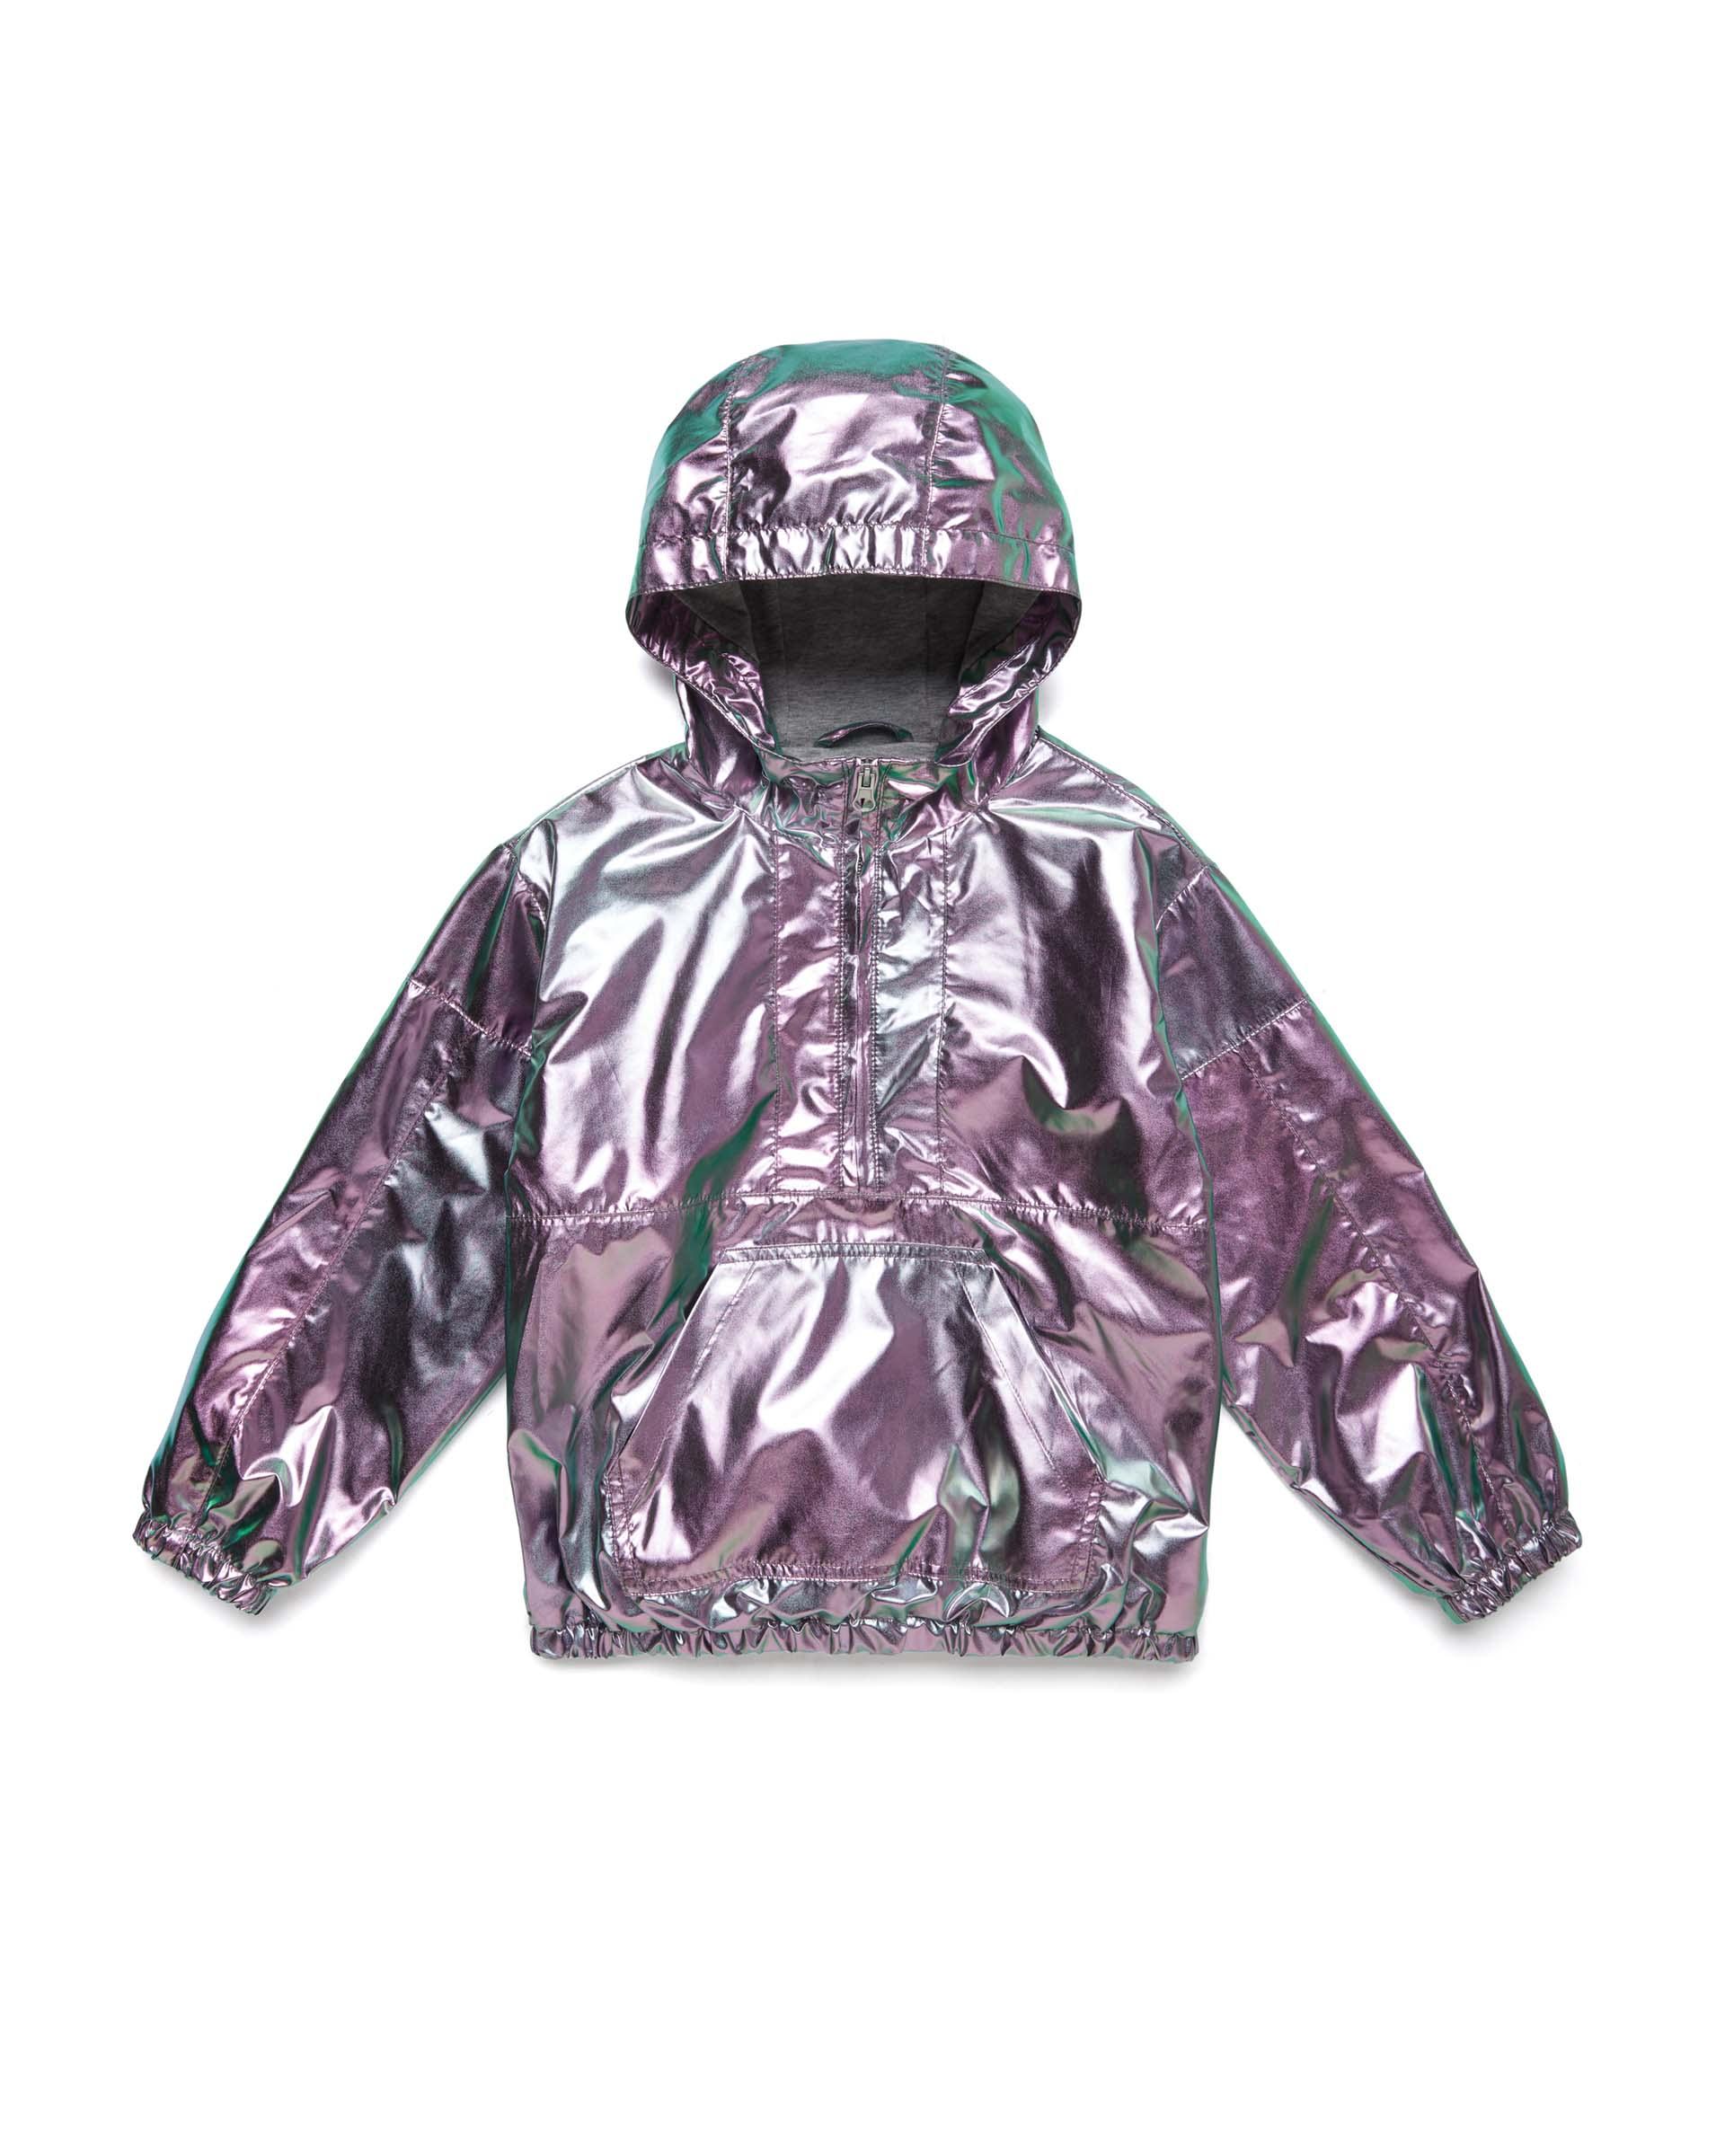 Купить 20P_2OK753HV0_901, Куртка-анорак для девочек Benetton 2OK753HV0_901 р-р 152, United Colors of Benetton, Куртки для девочек